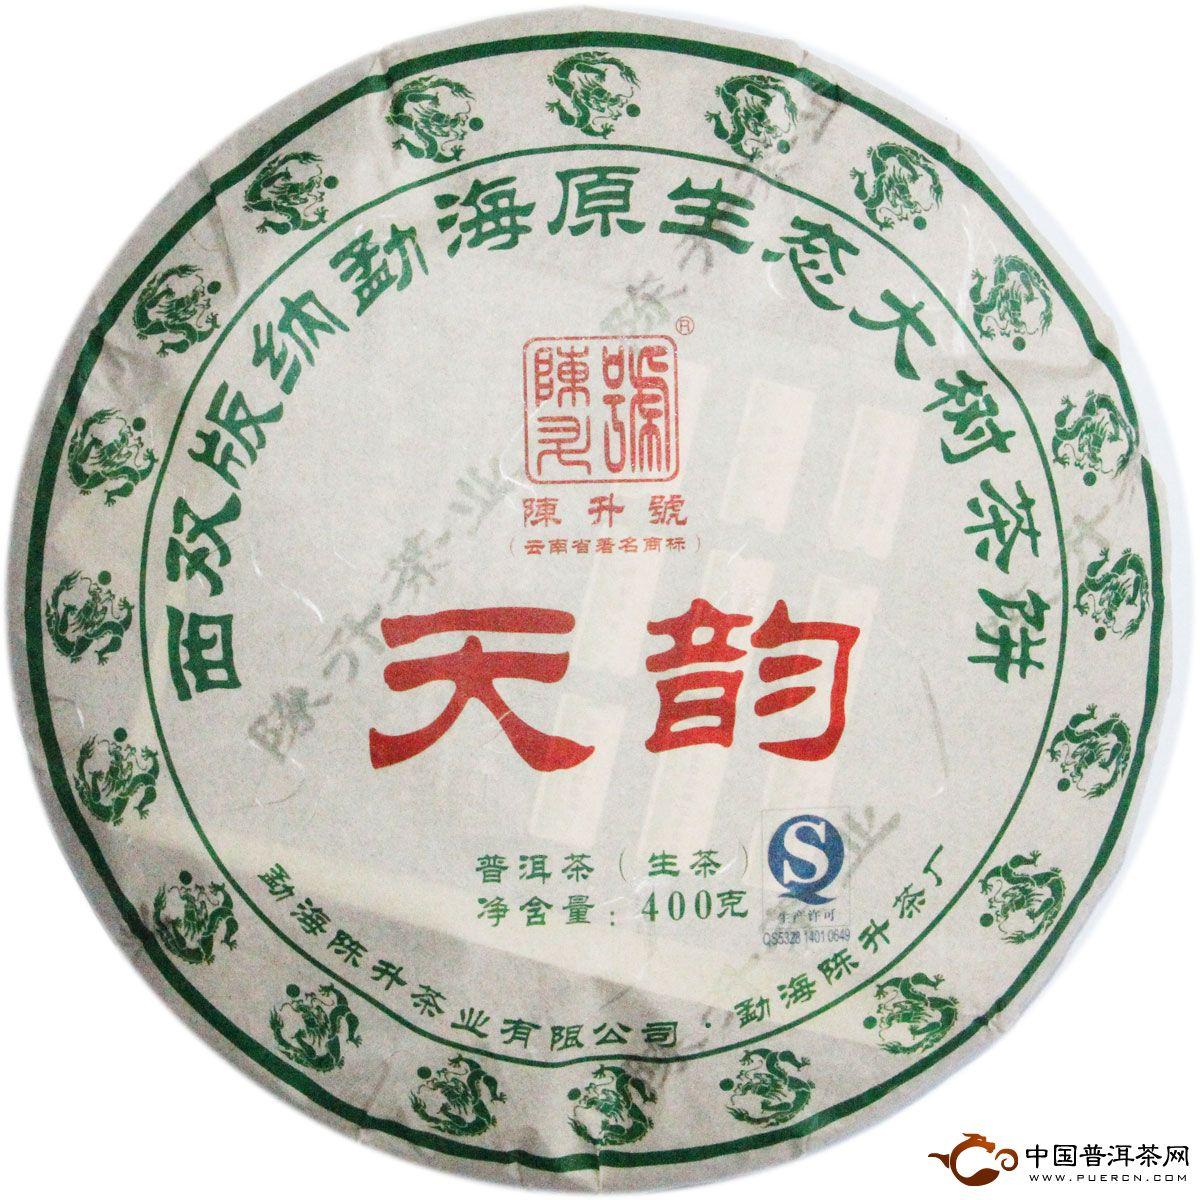 2012年陈升号天韵(生茶) 400克